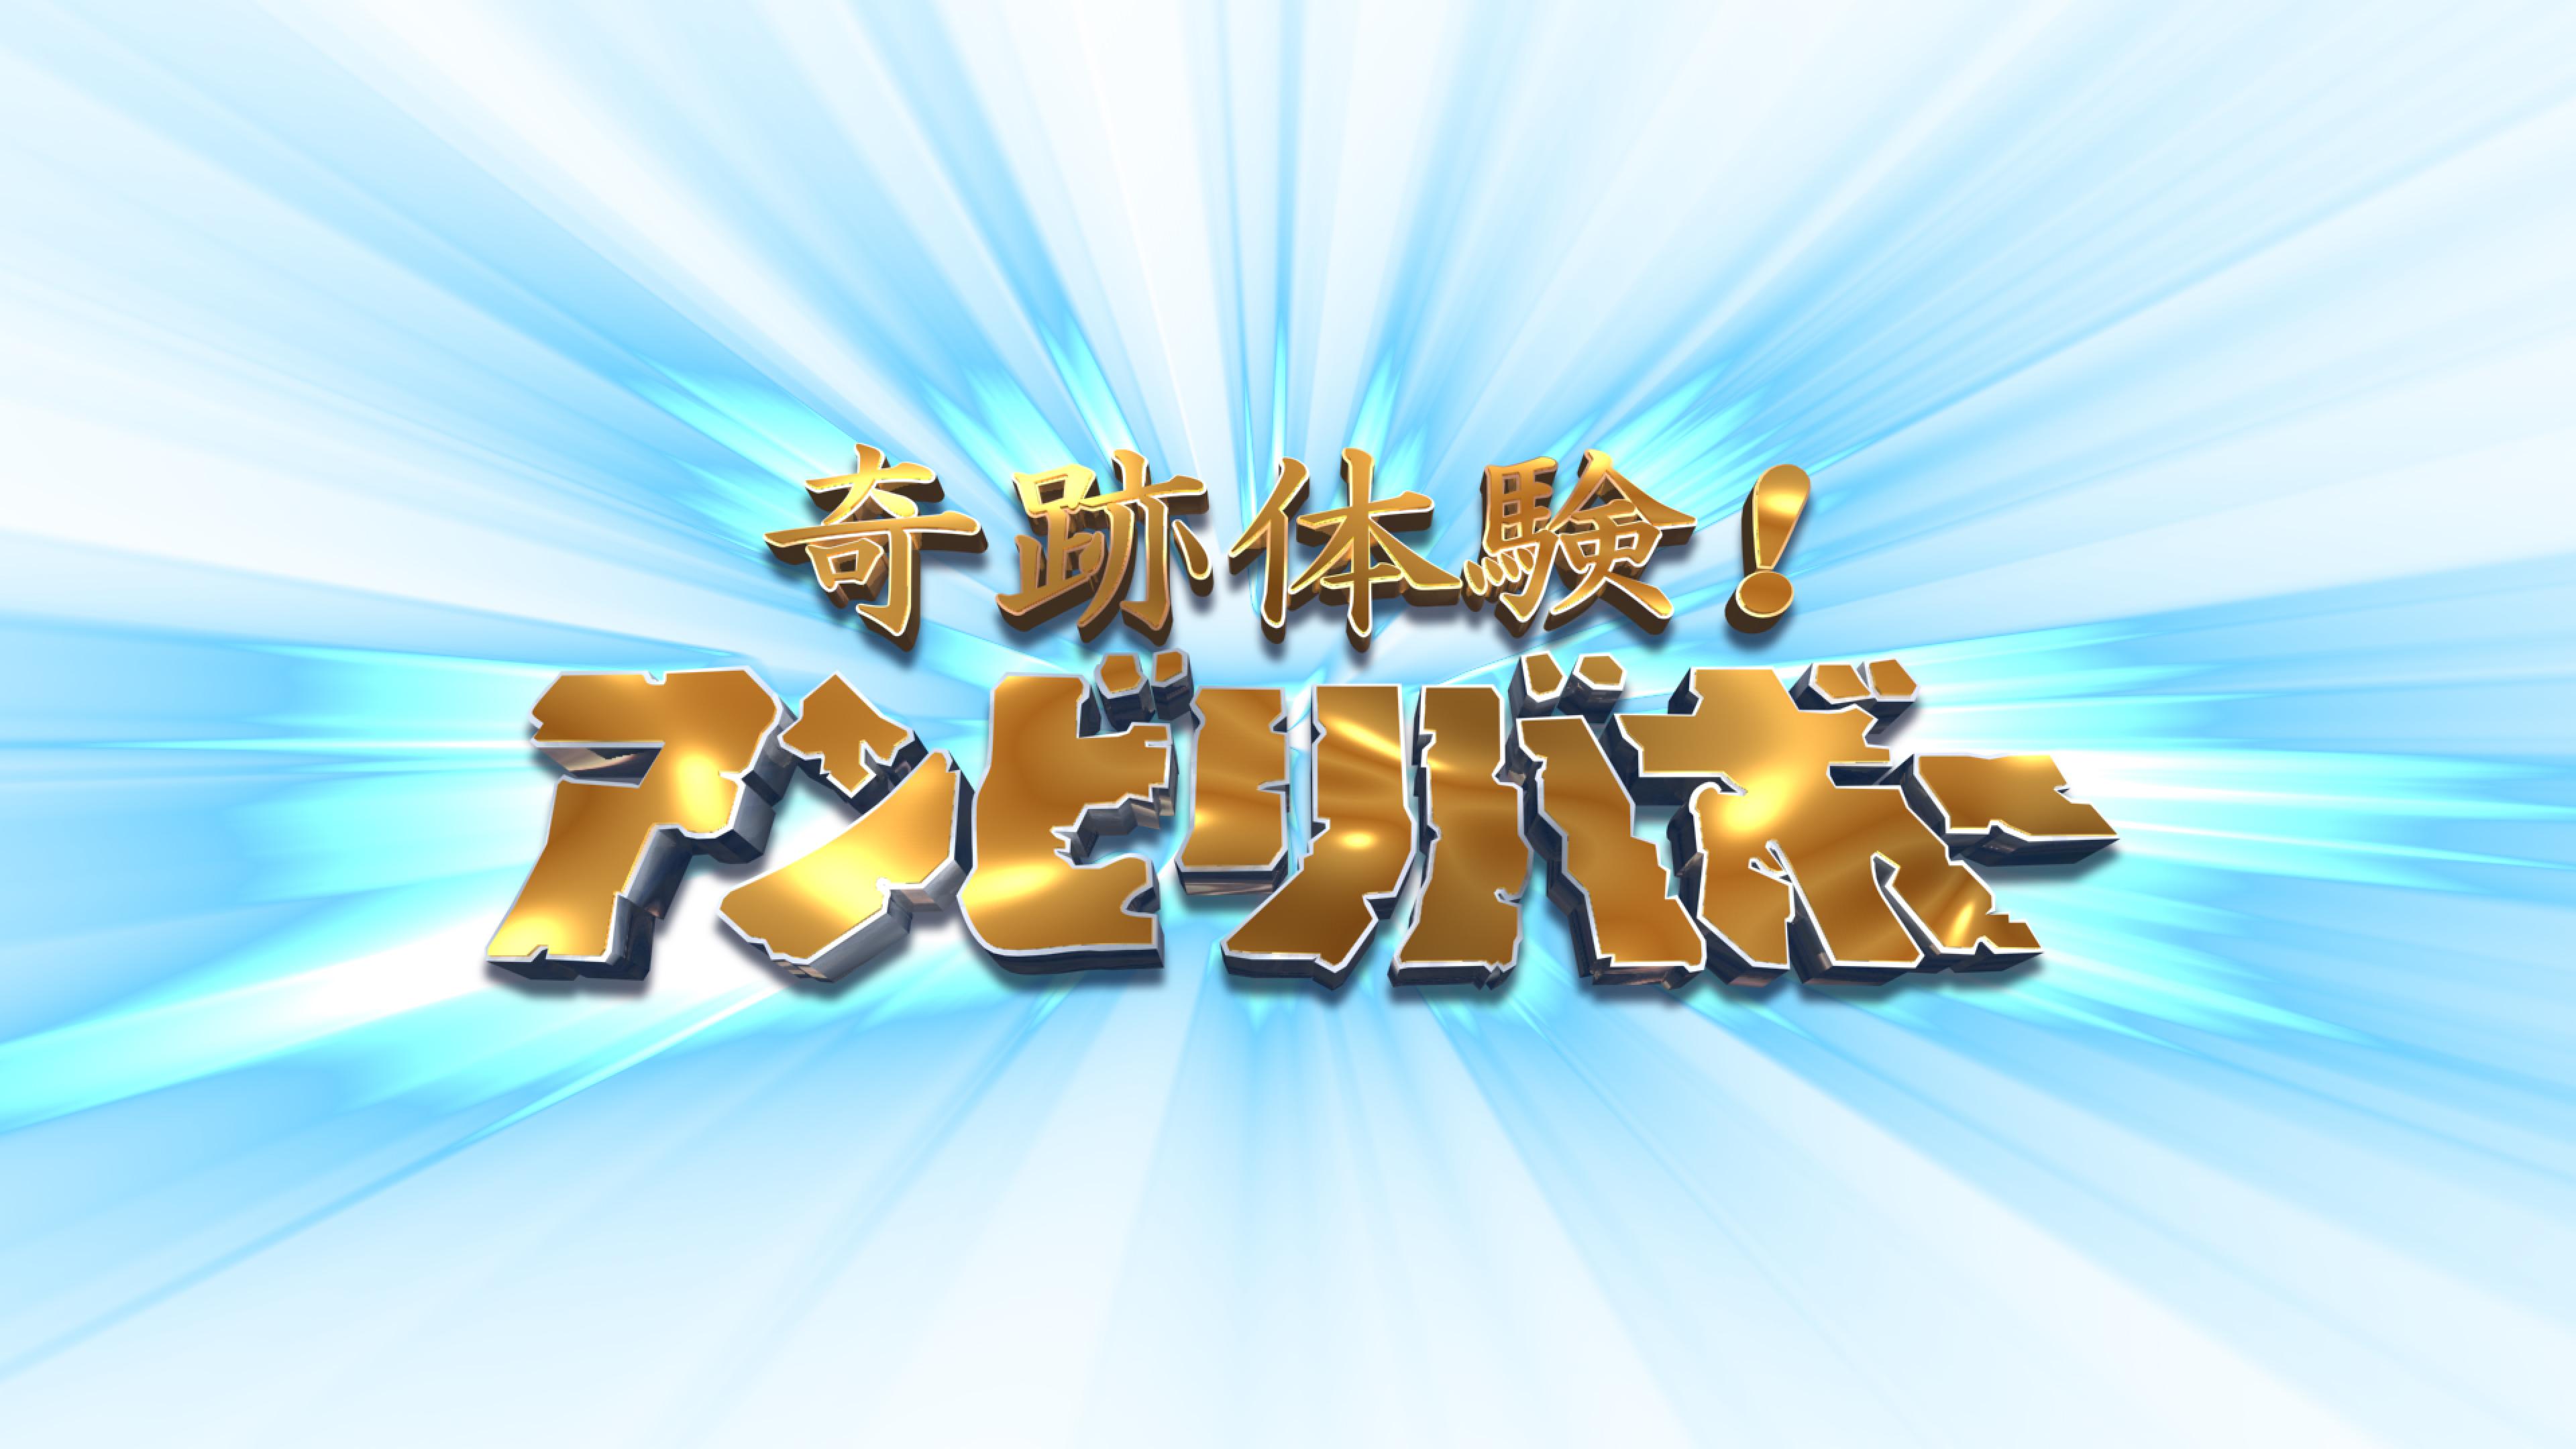 ☆★初のゴールデン!フジテレビ「奇跡体験!アンビリバボー」10月度EDテーマ決定☆★